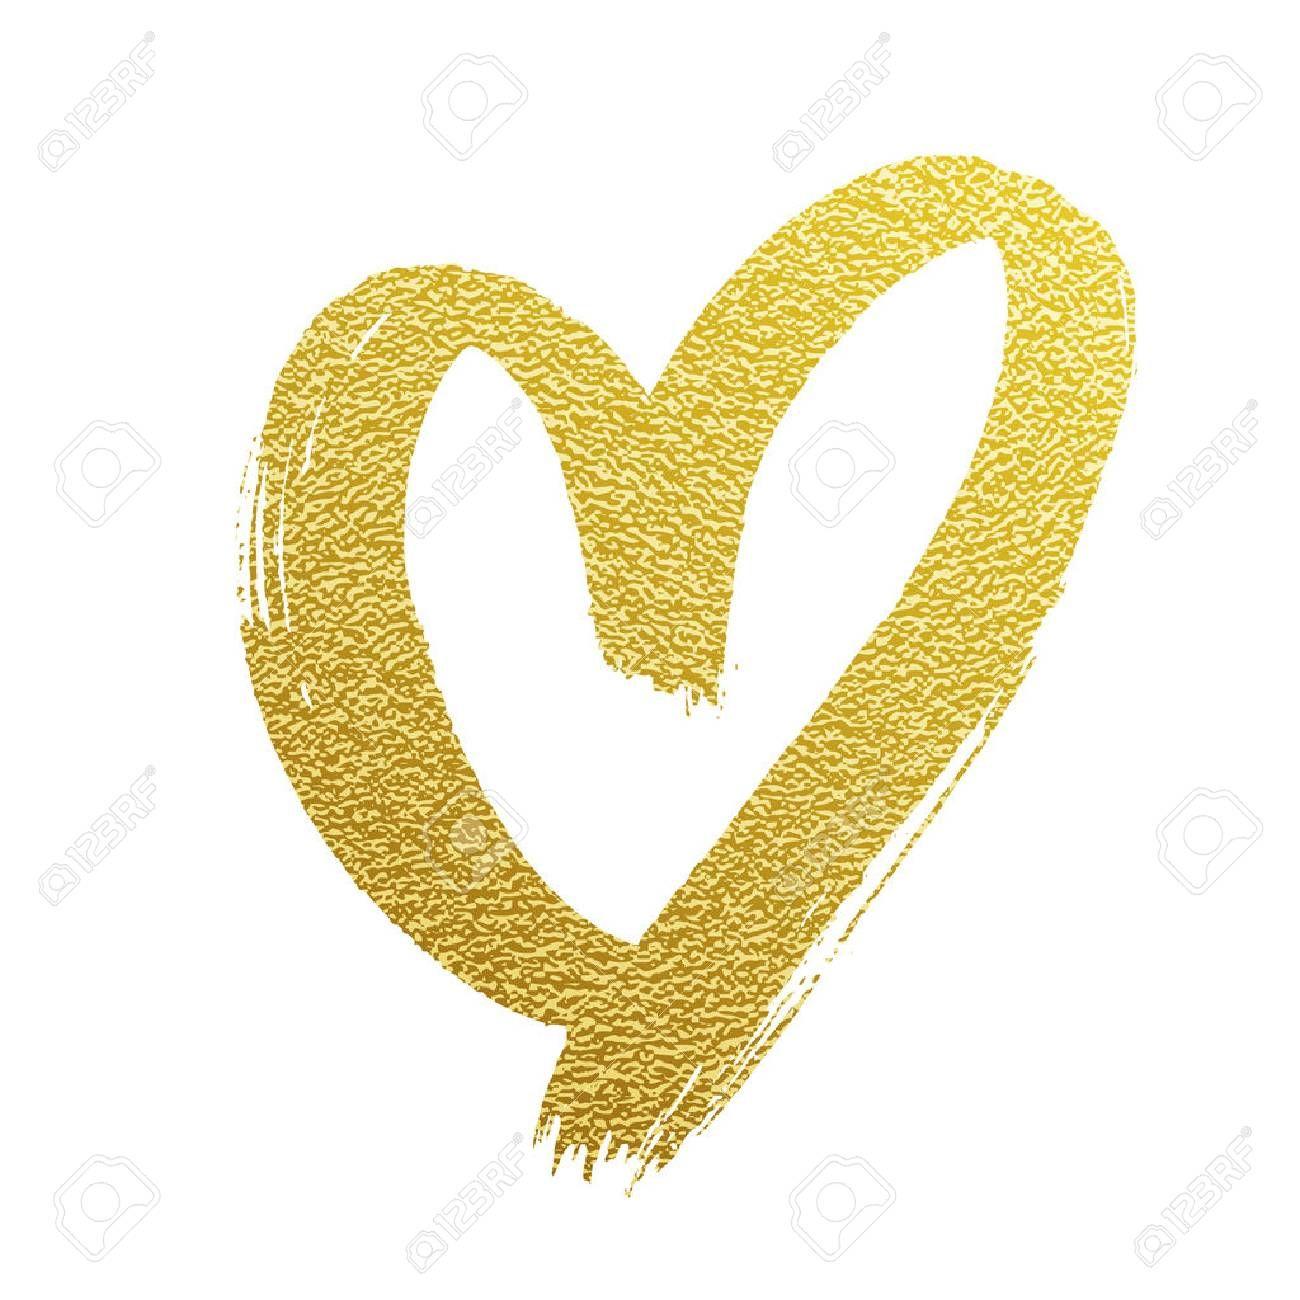 Valentine golden glitter heart vector hand drawn icon on